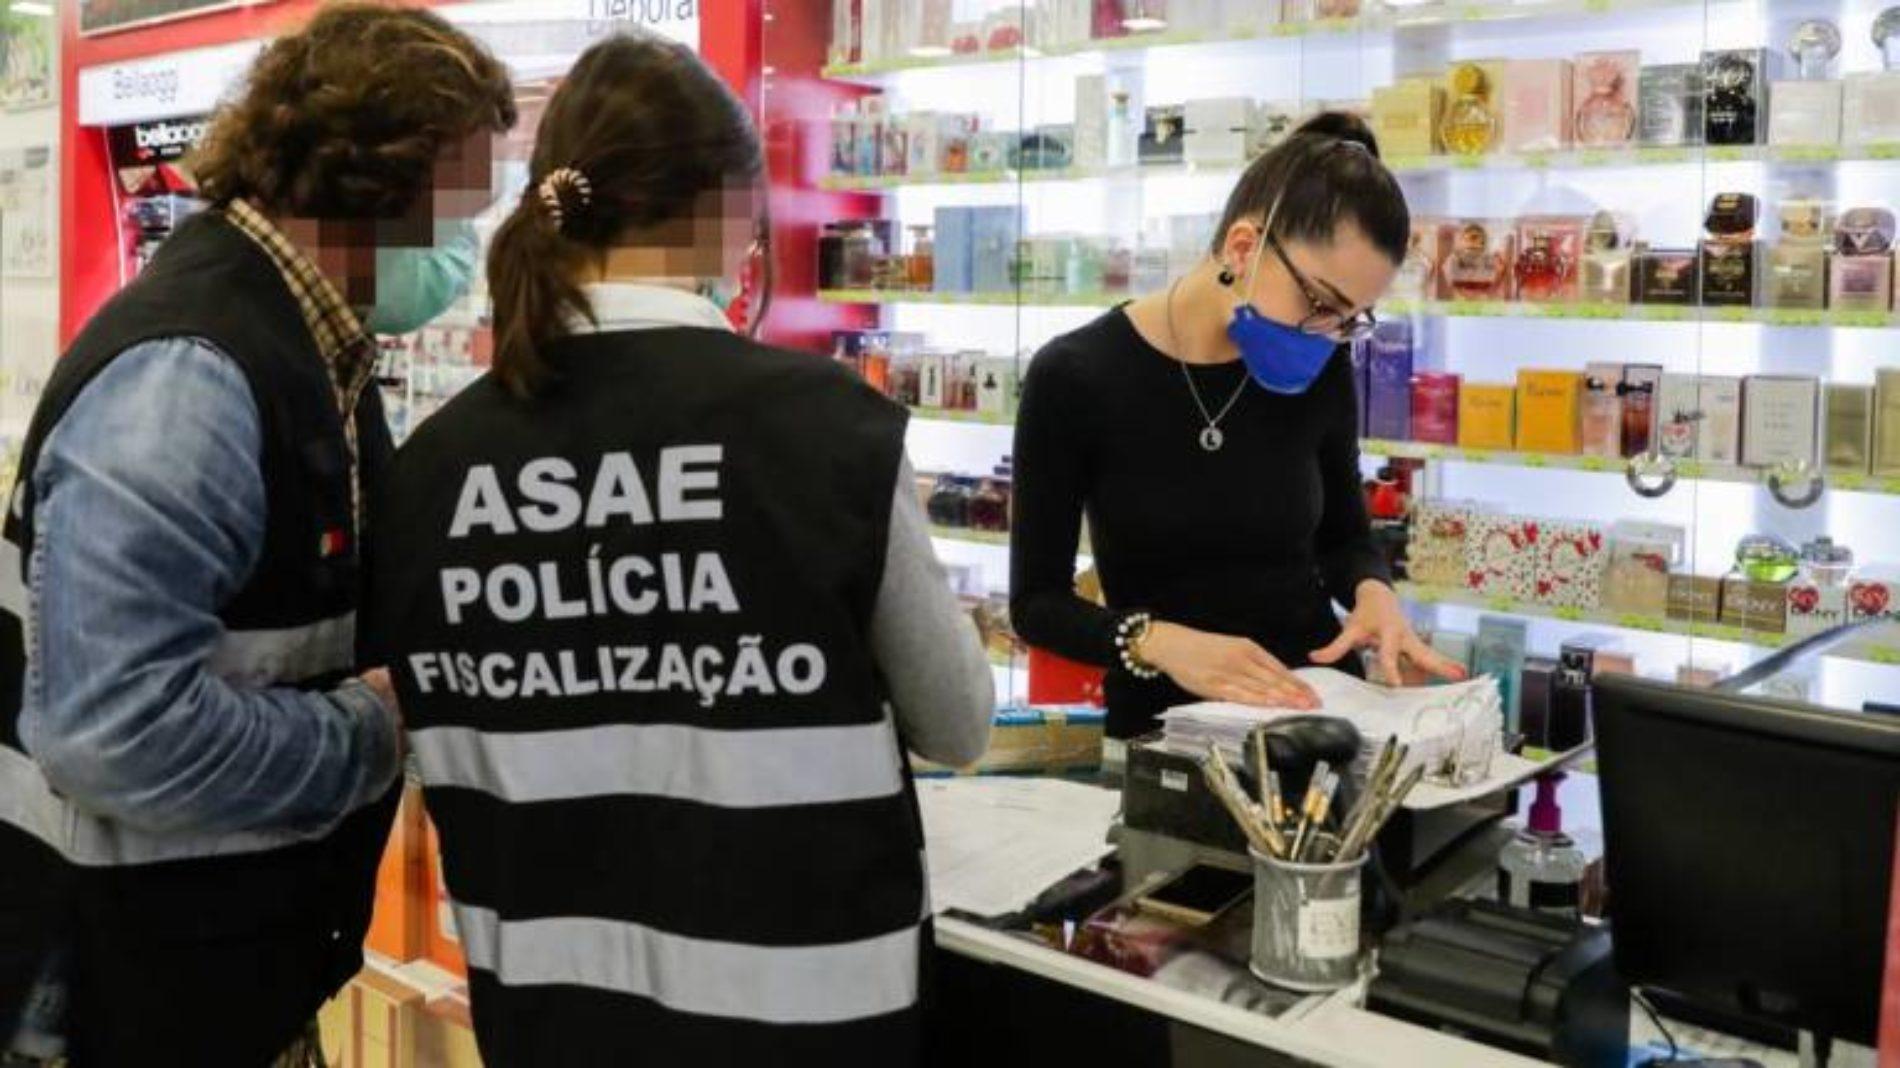 ASAE apreende 77 mil máscaras e instaura oito processos por contrafacção